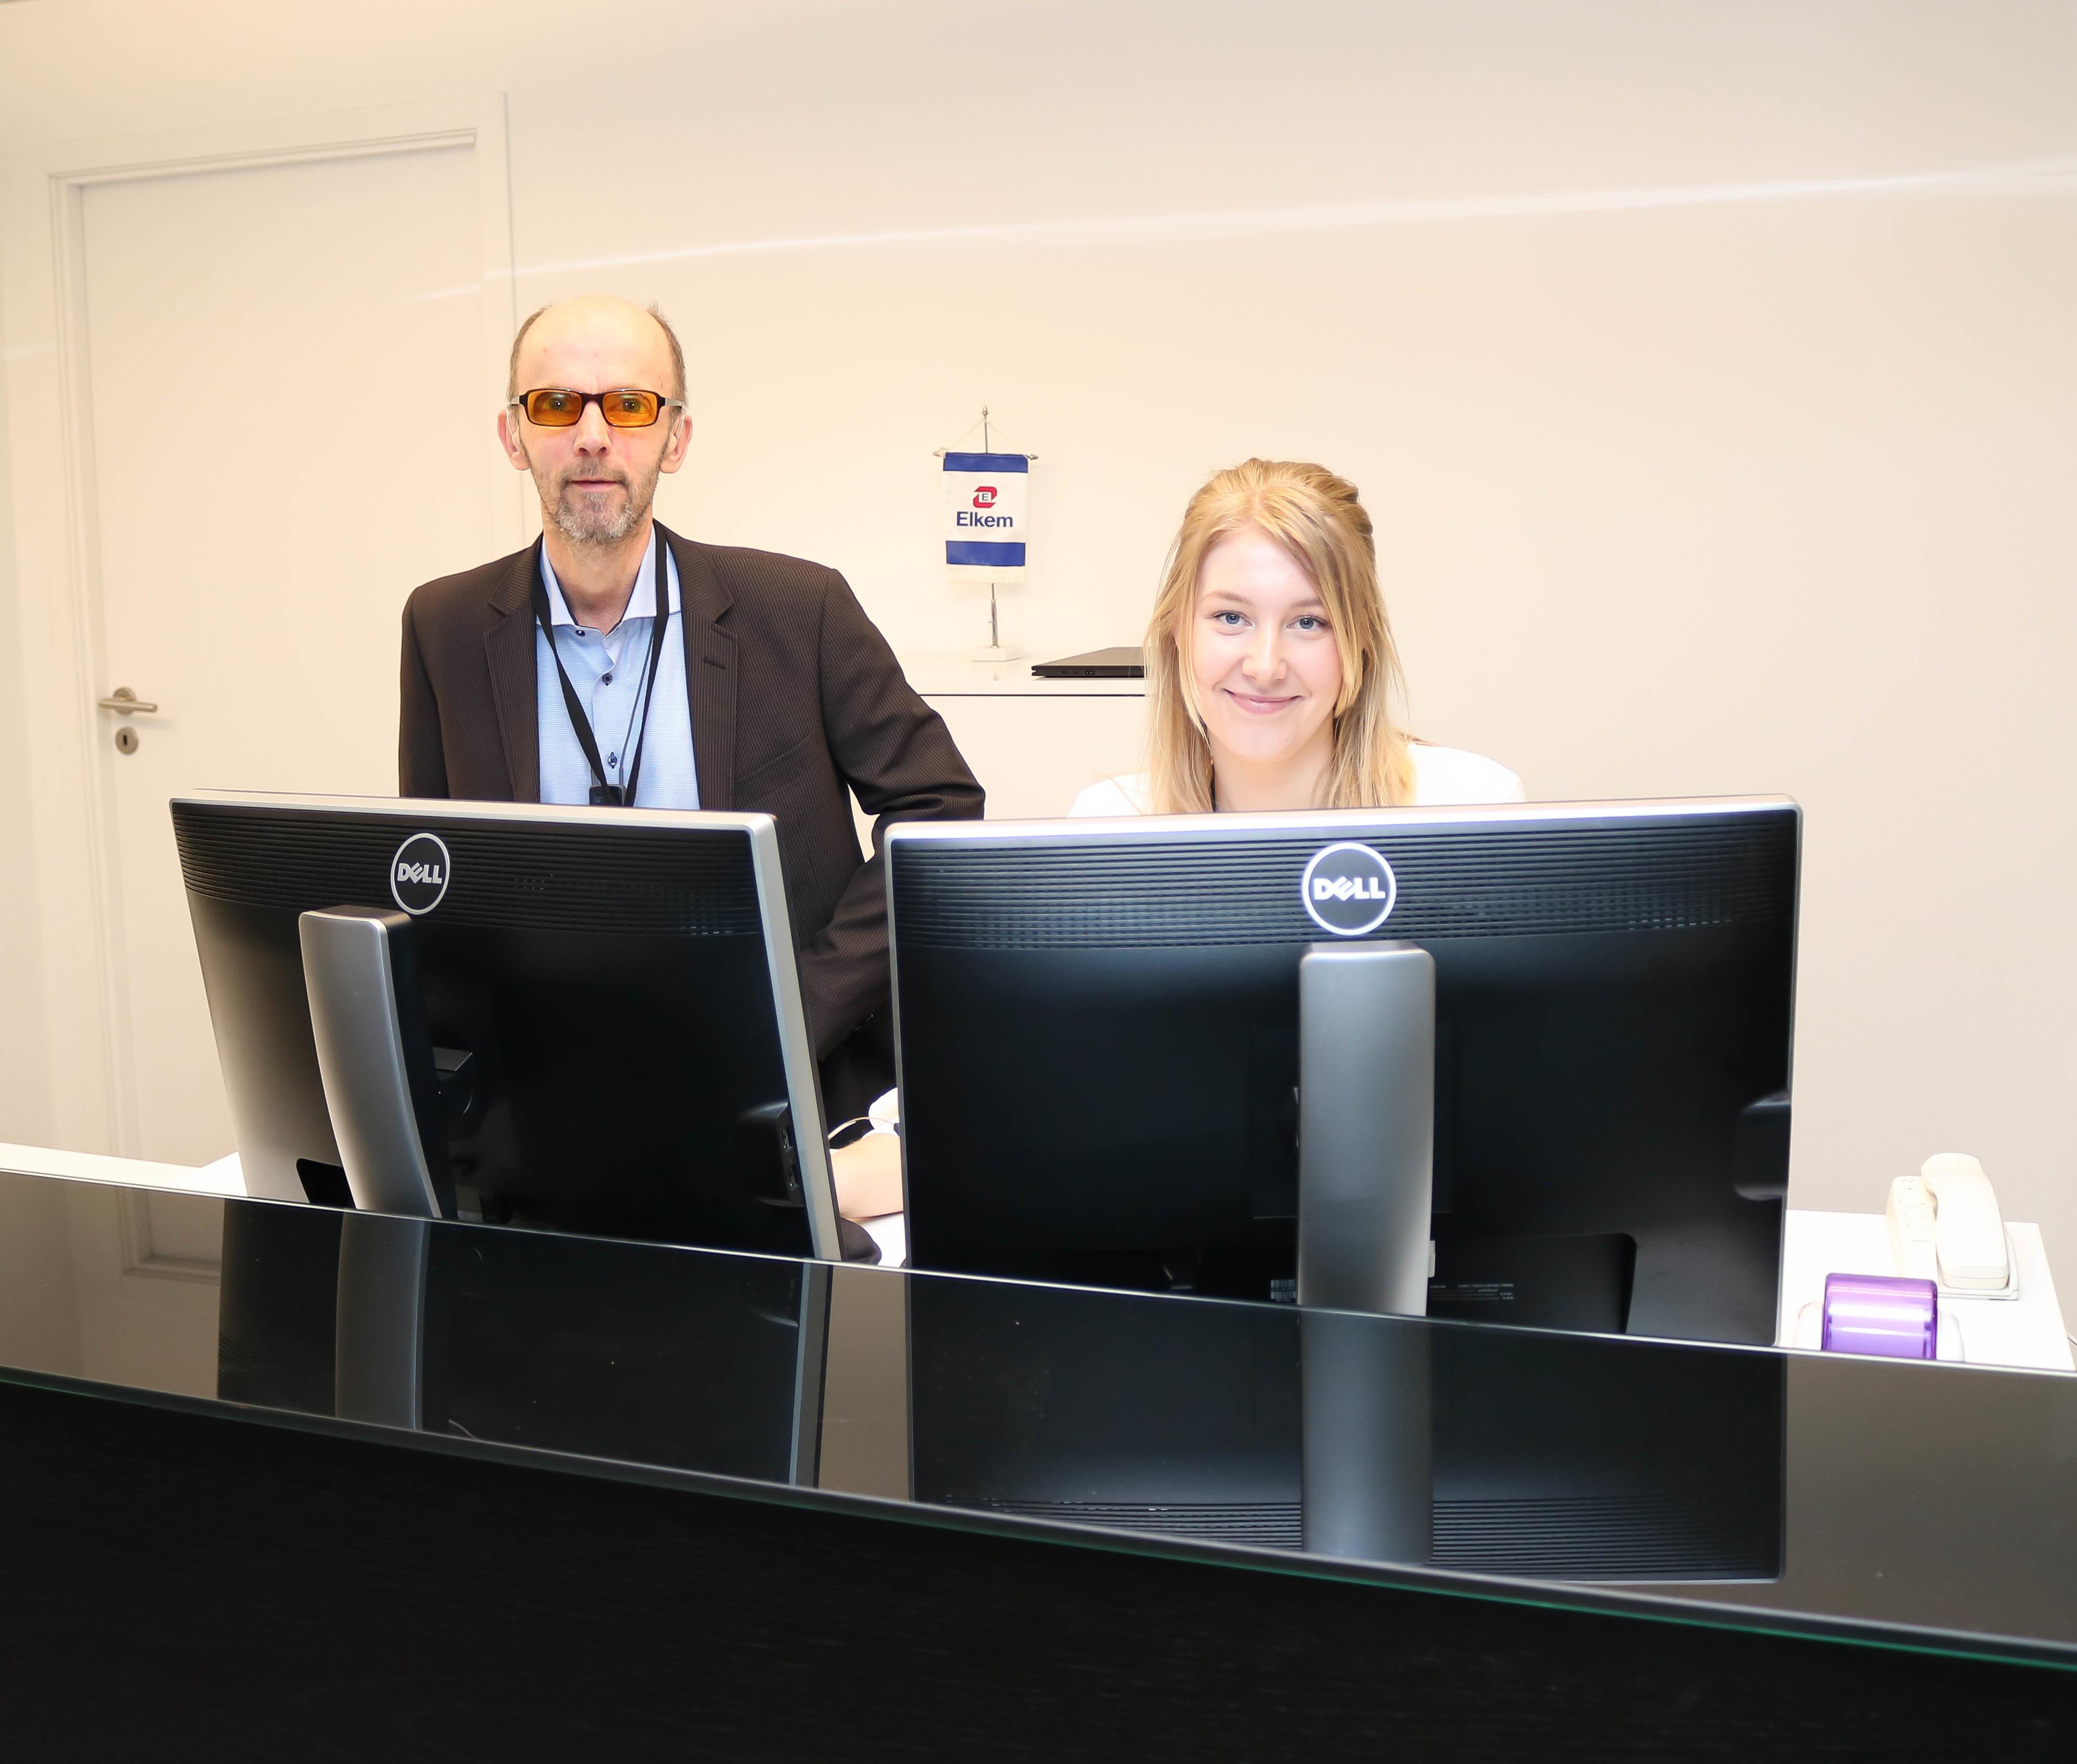 Mann med oransje filterbriller og lyshåret kvinne bak to store dataskjermer.